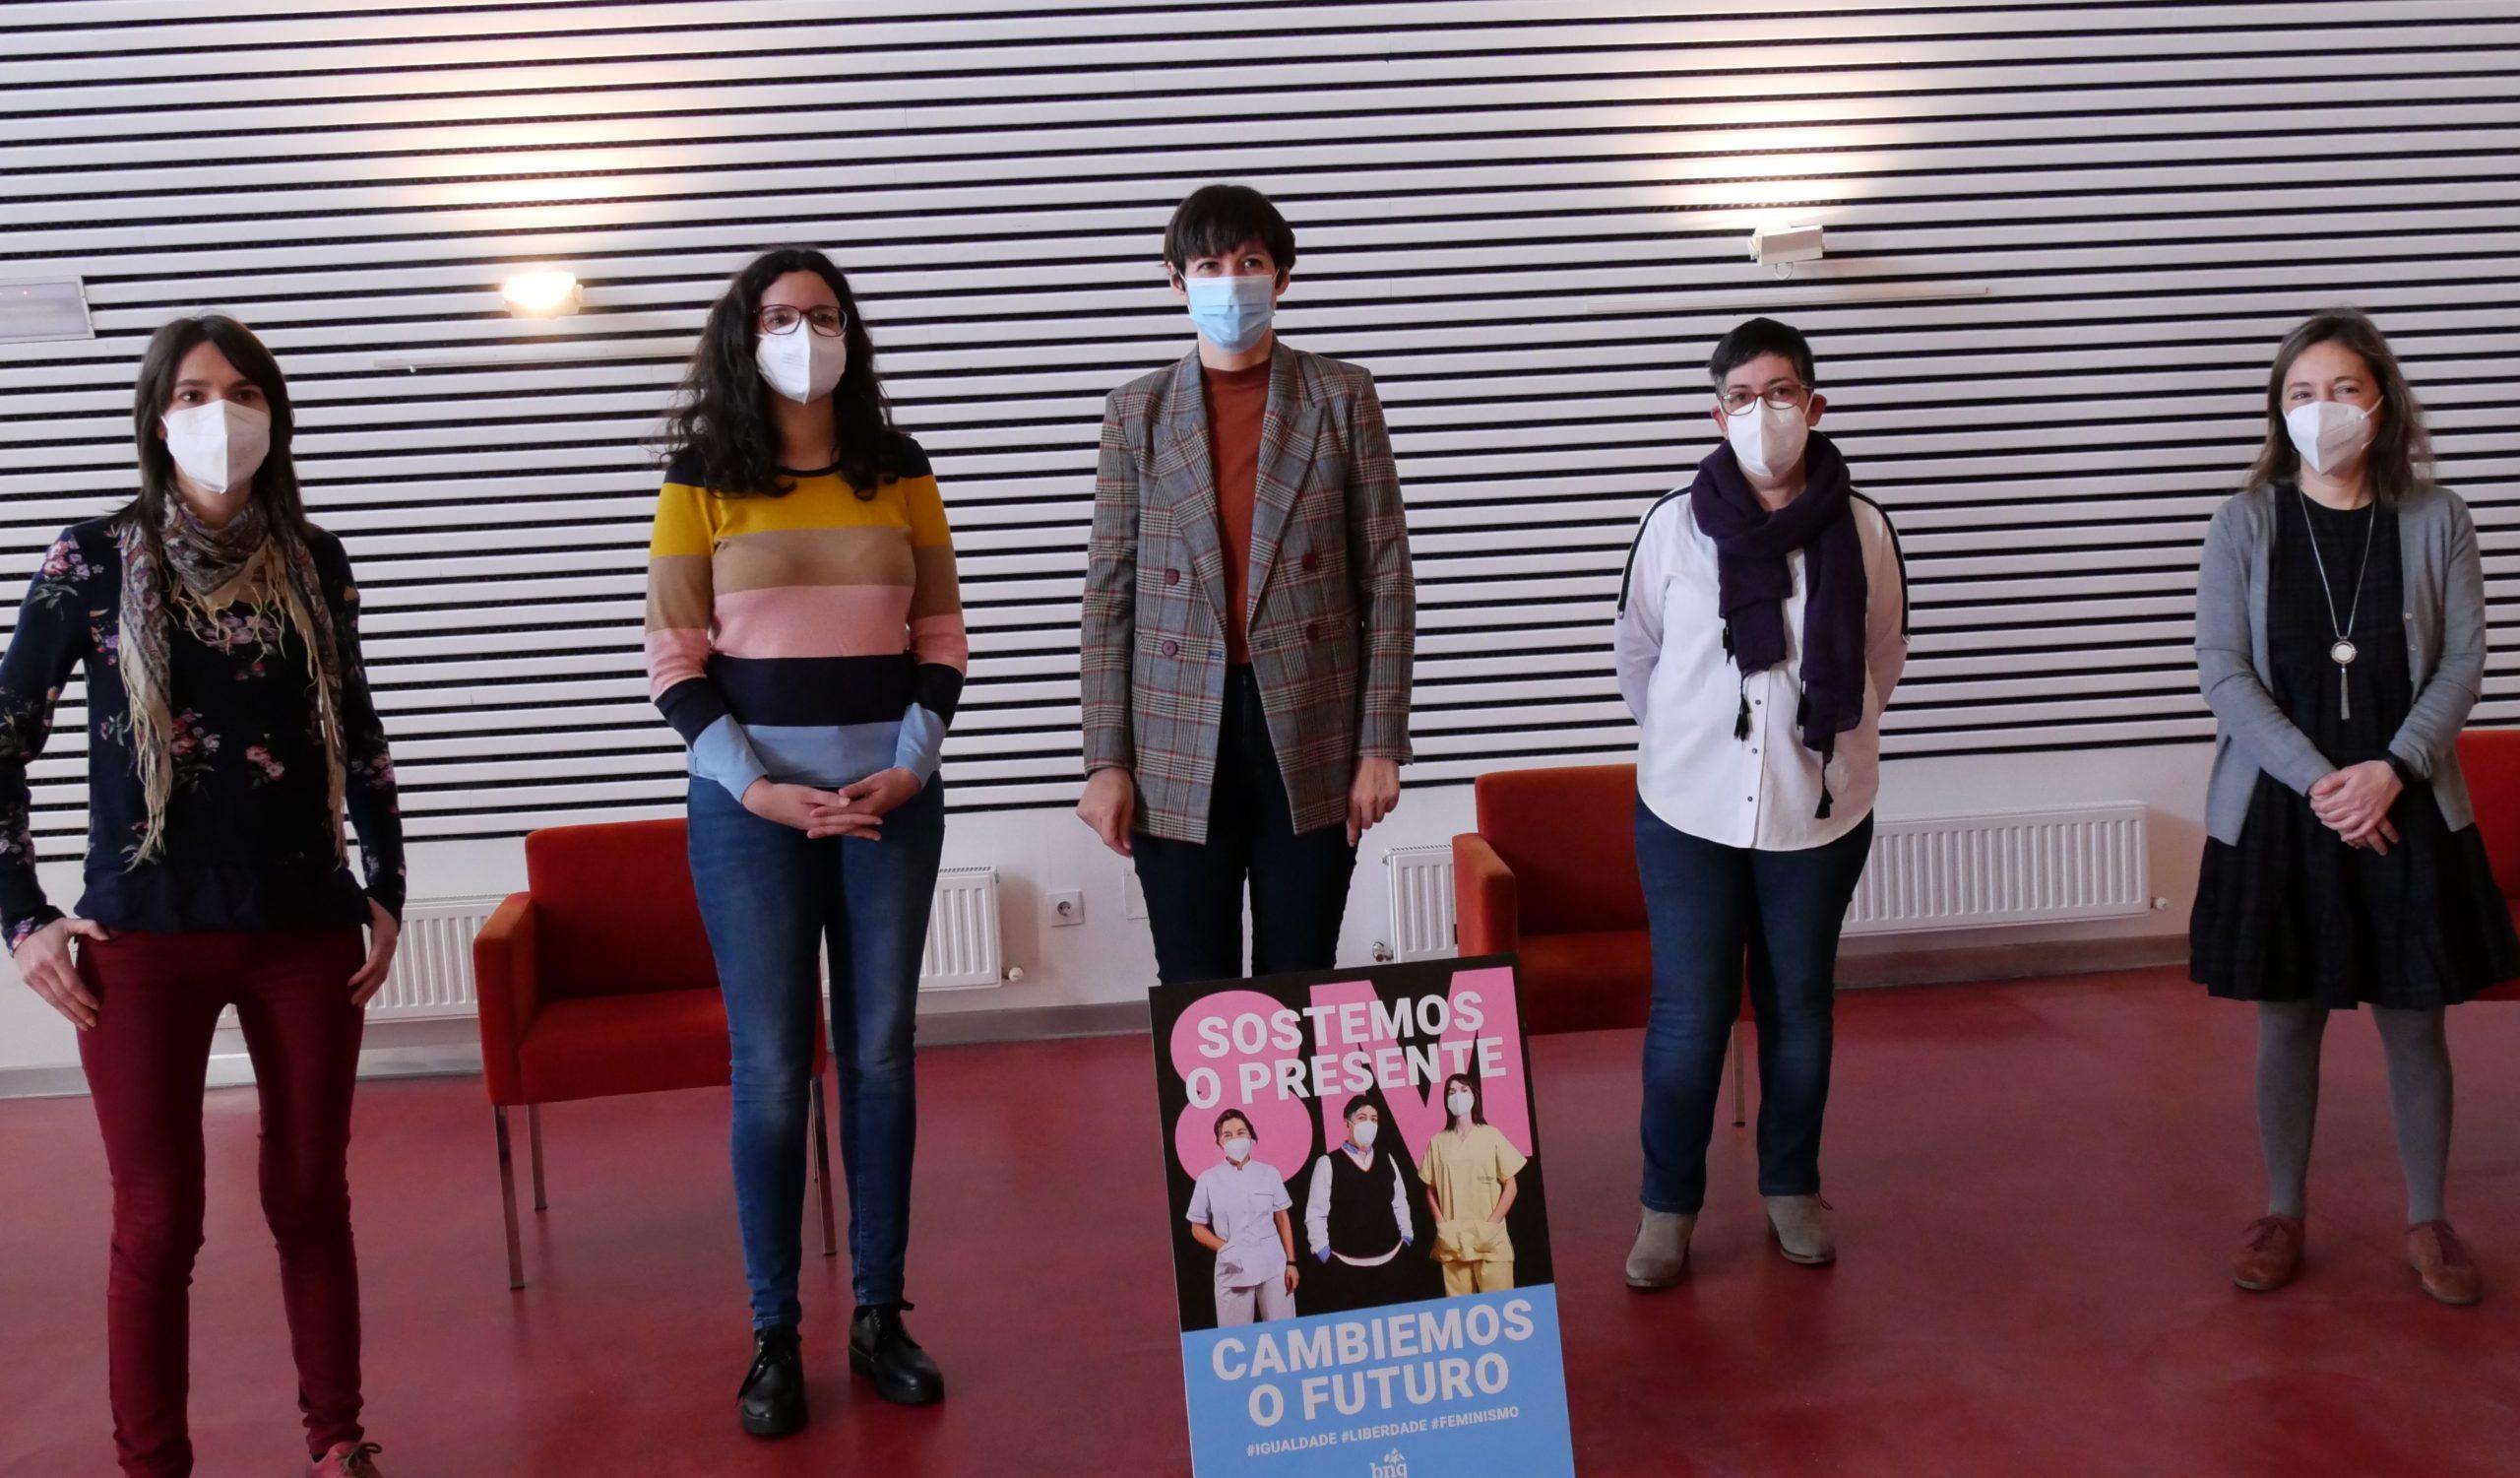 """Pontón reivindica o recoñecemento do traballo feminino durante a pandemia na campaña do BNG para o 8M baixo o lema """"Sostemos o presente, cambiemos o futuro"""""""